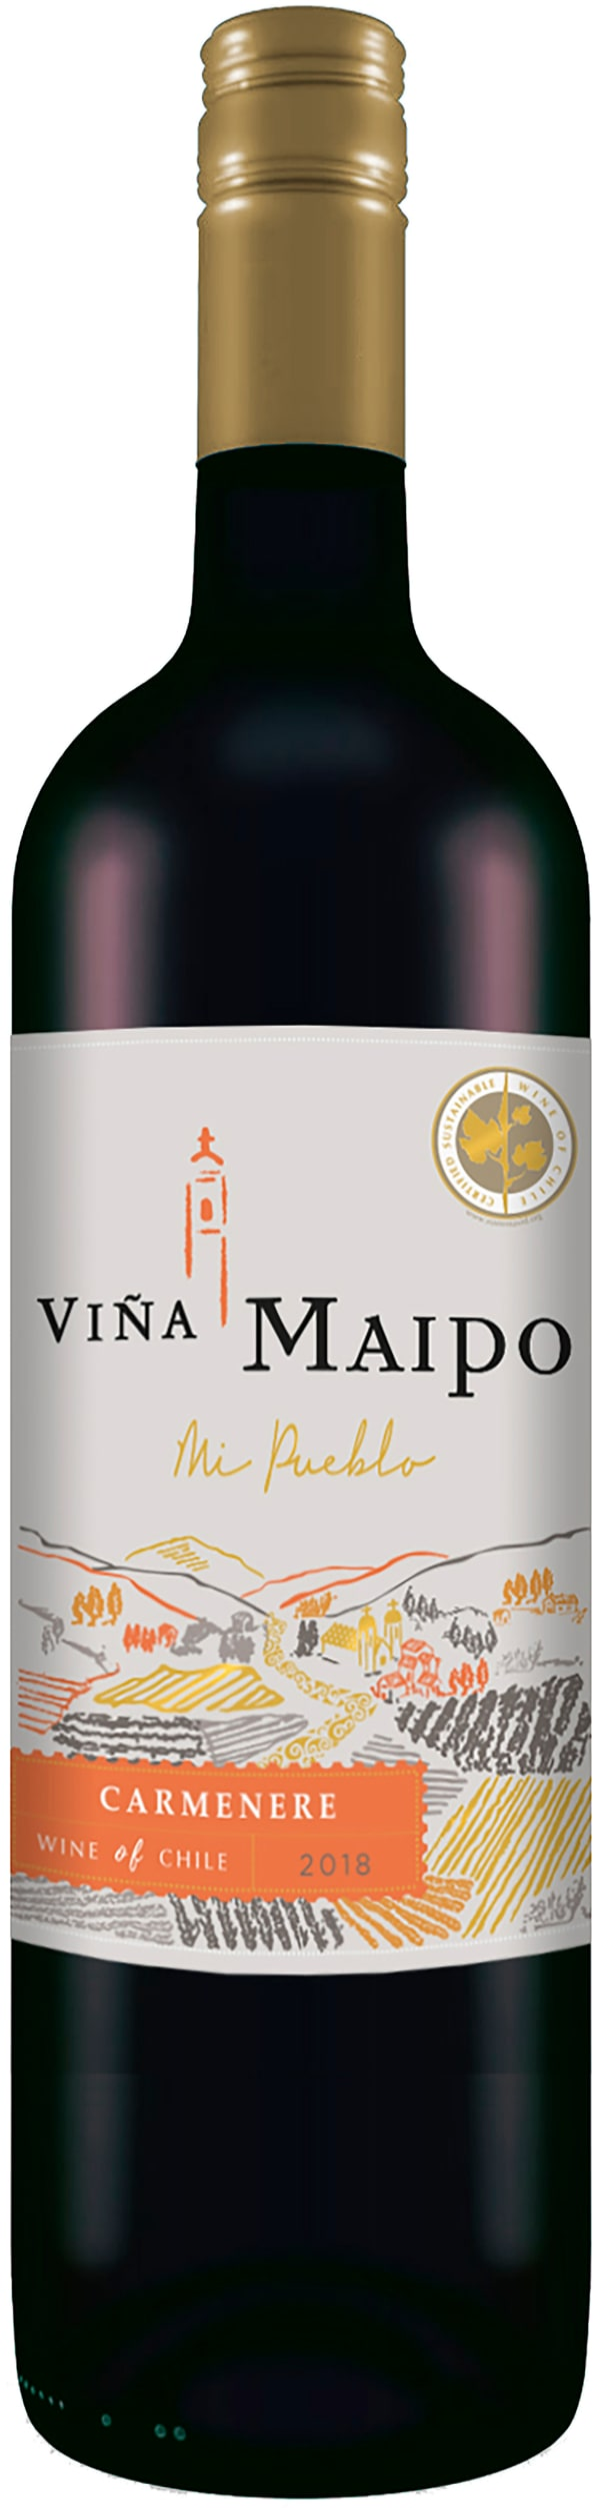 Viña Maipo Mi Pueblo Carmenere 2018 plastflaska